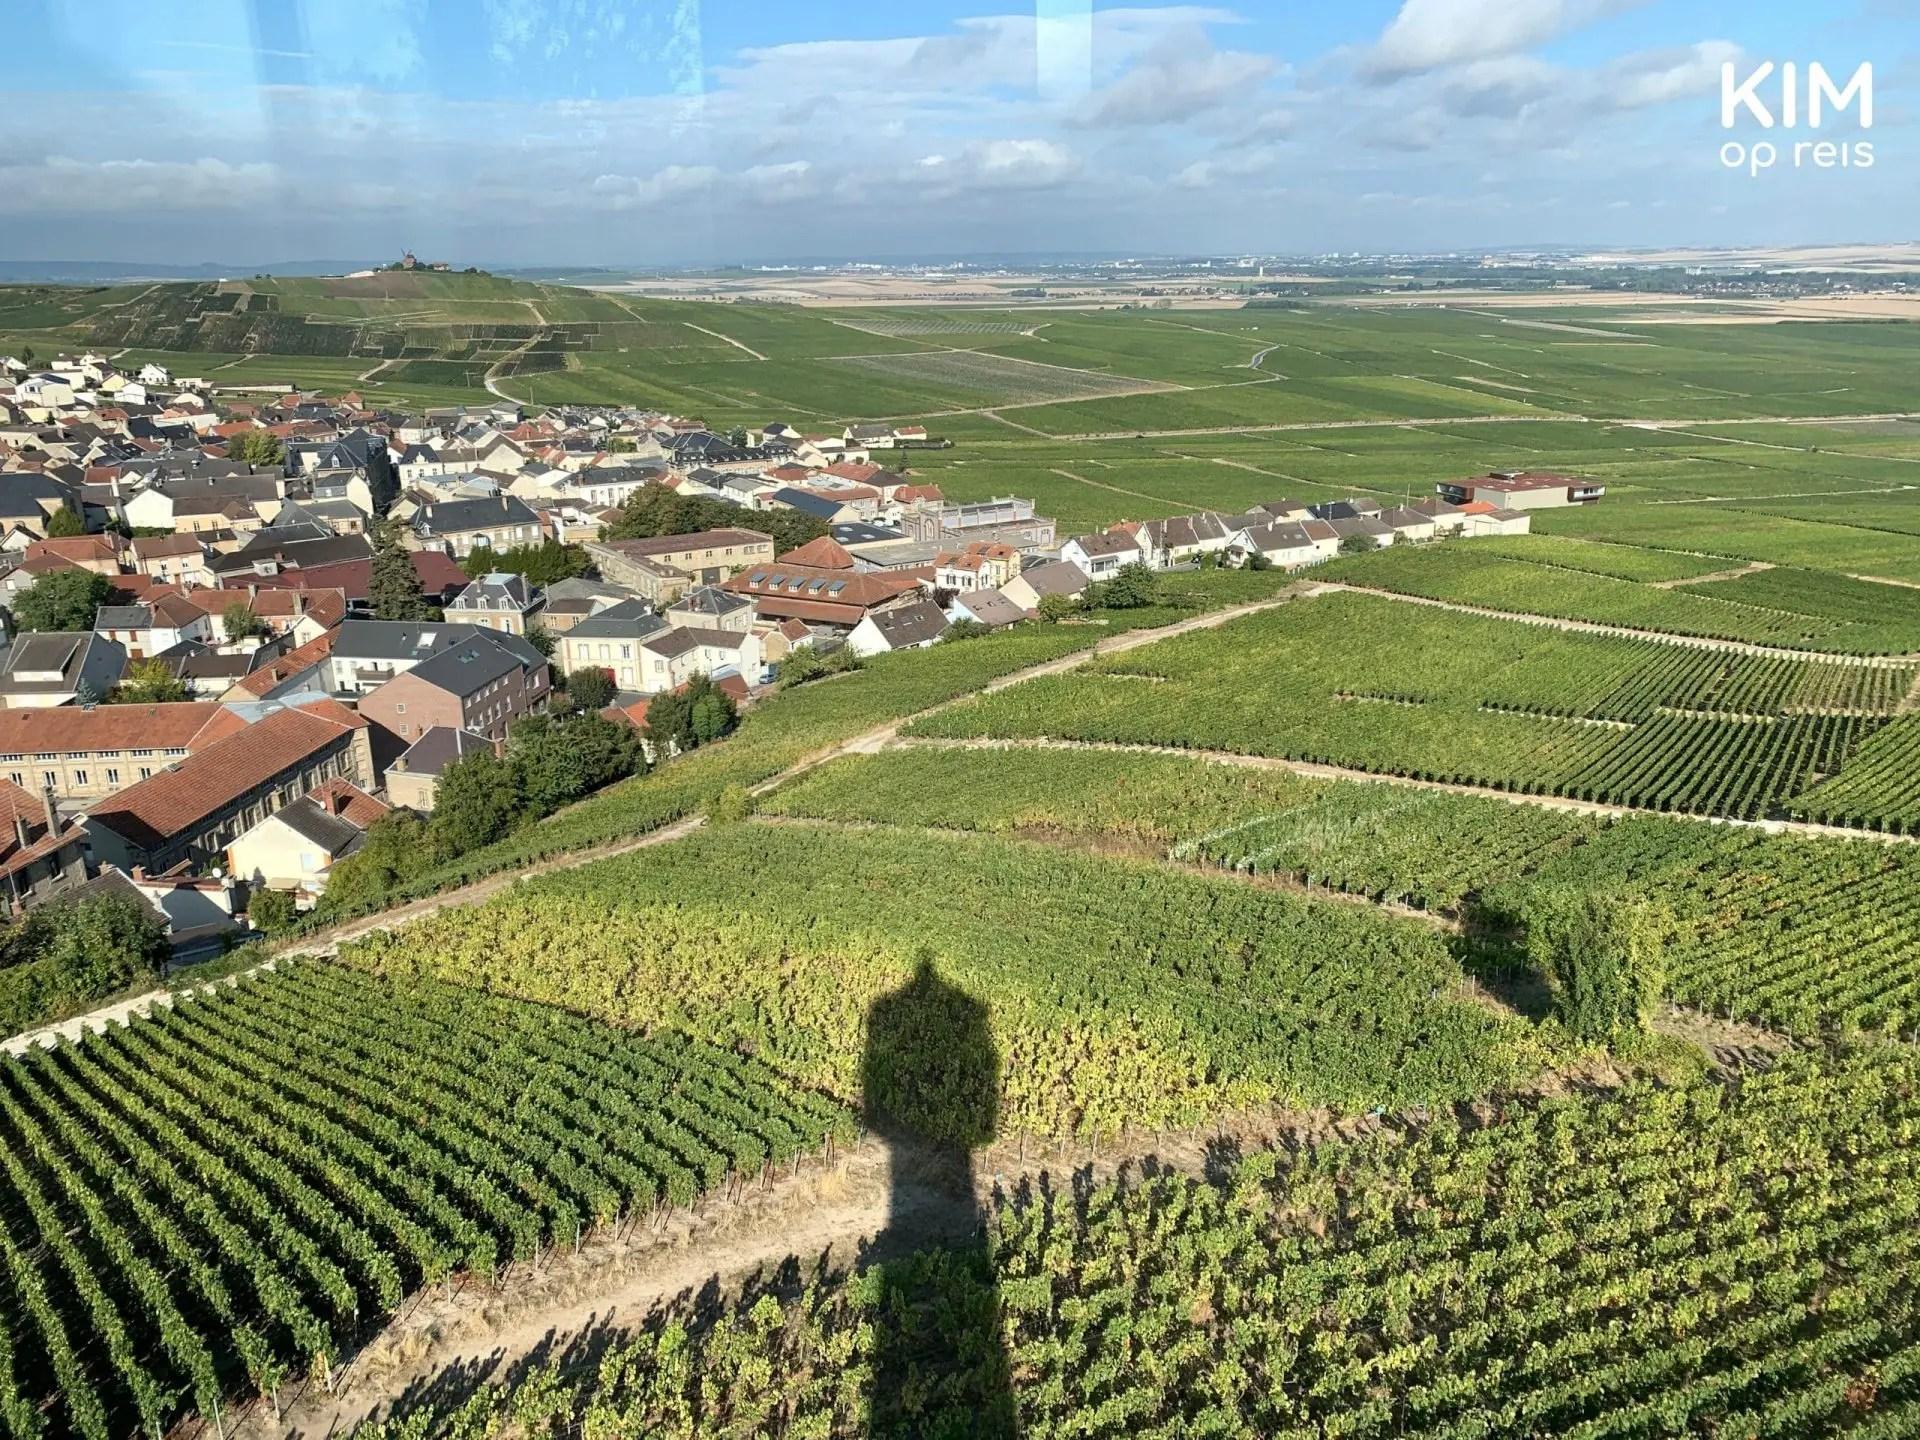 Uitzicht Le Phare Verzenay: foto gemaakt door het raam van de vuurtoren met de schaduw van de vuurtoren die over de wijngaarden ligt